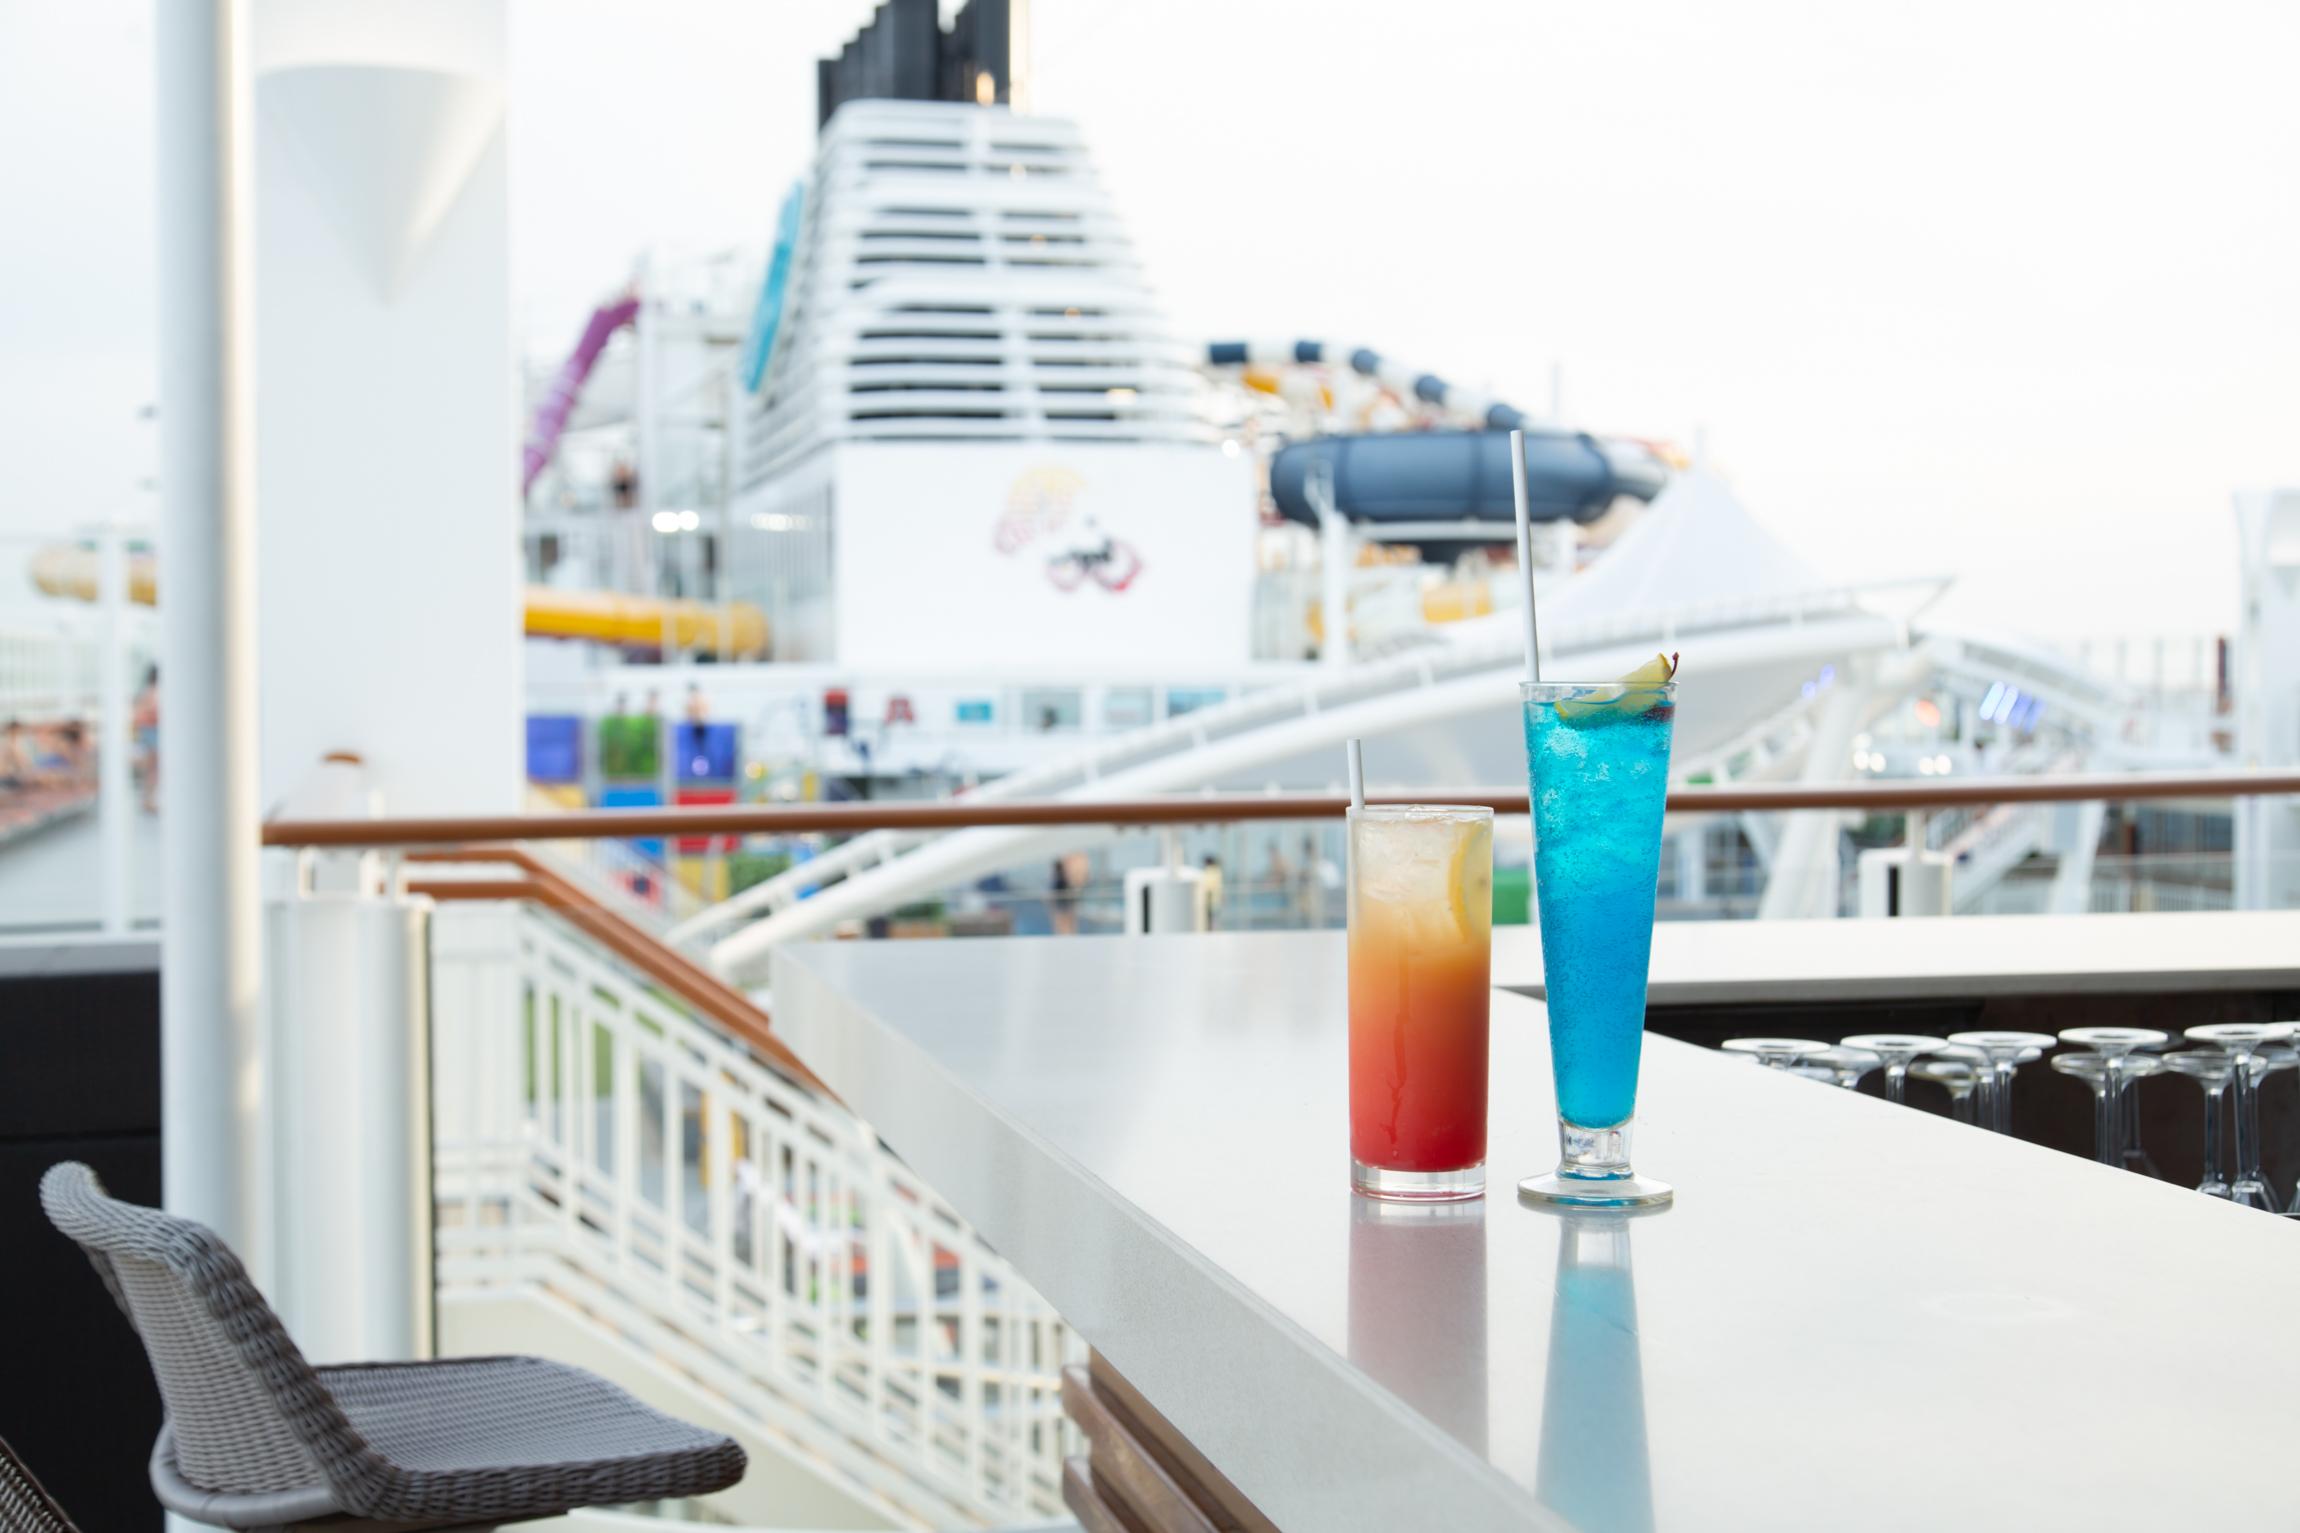 憧れの船旅。短い日数でも行ける、アジアのプレミアムクルーズへ④【ちょっと飲みたい篇】_1_2